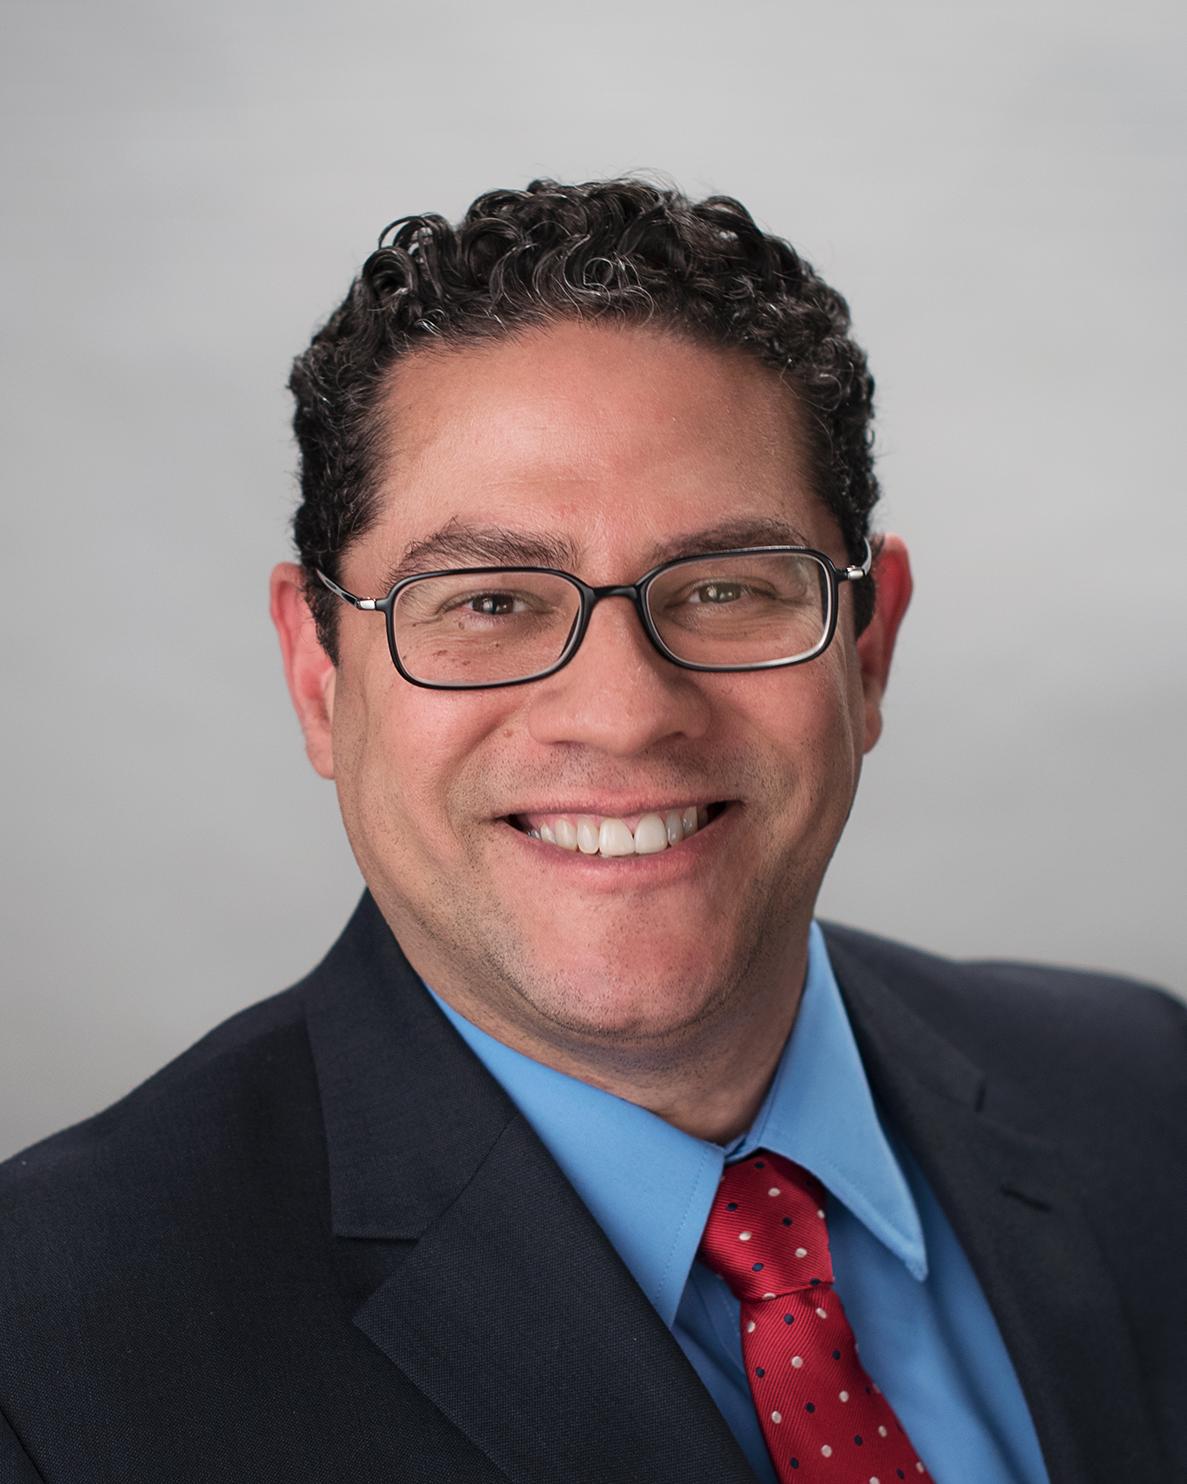 Dr. John Nicasio